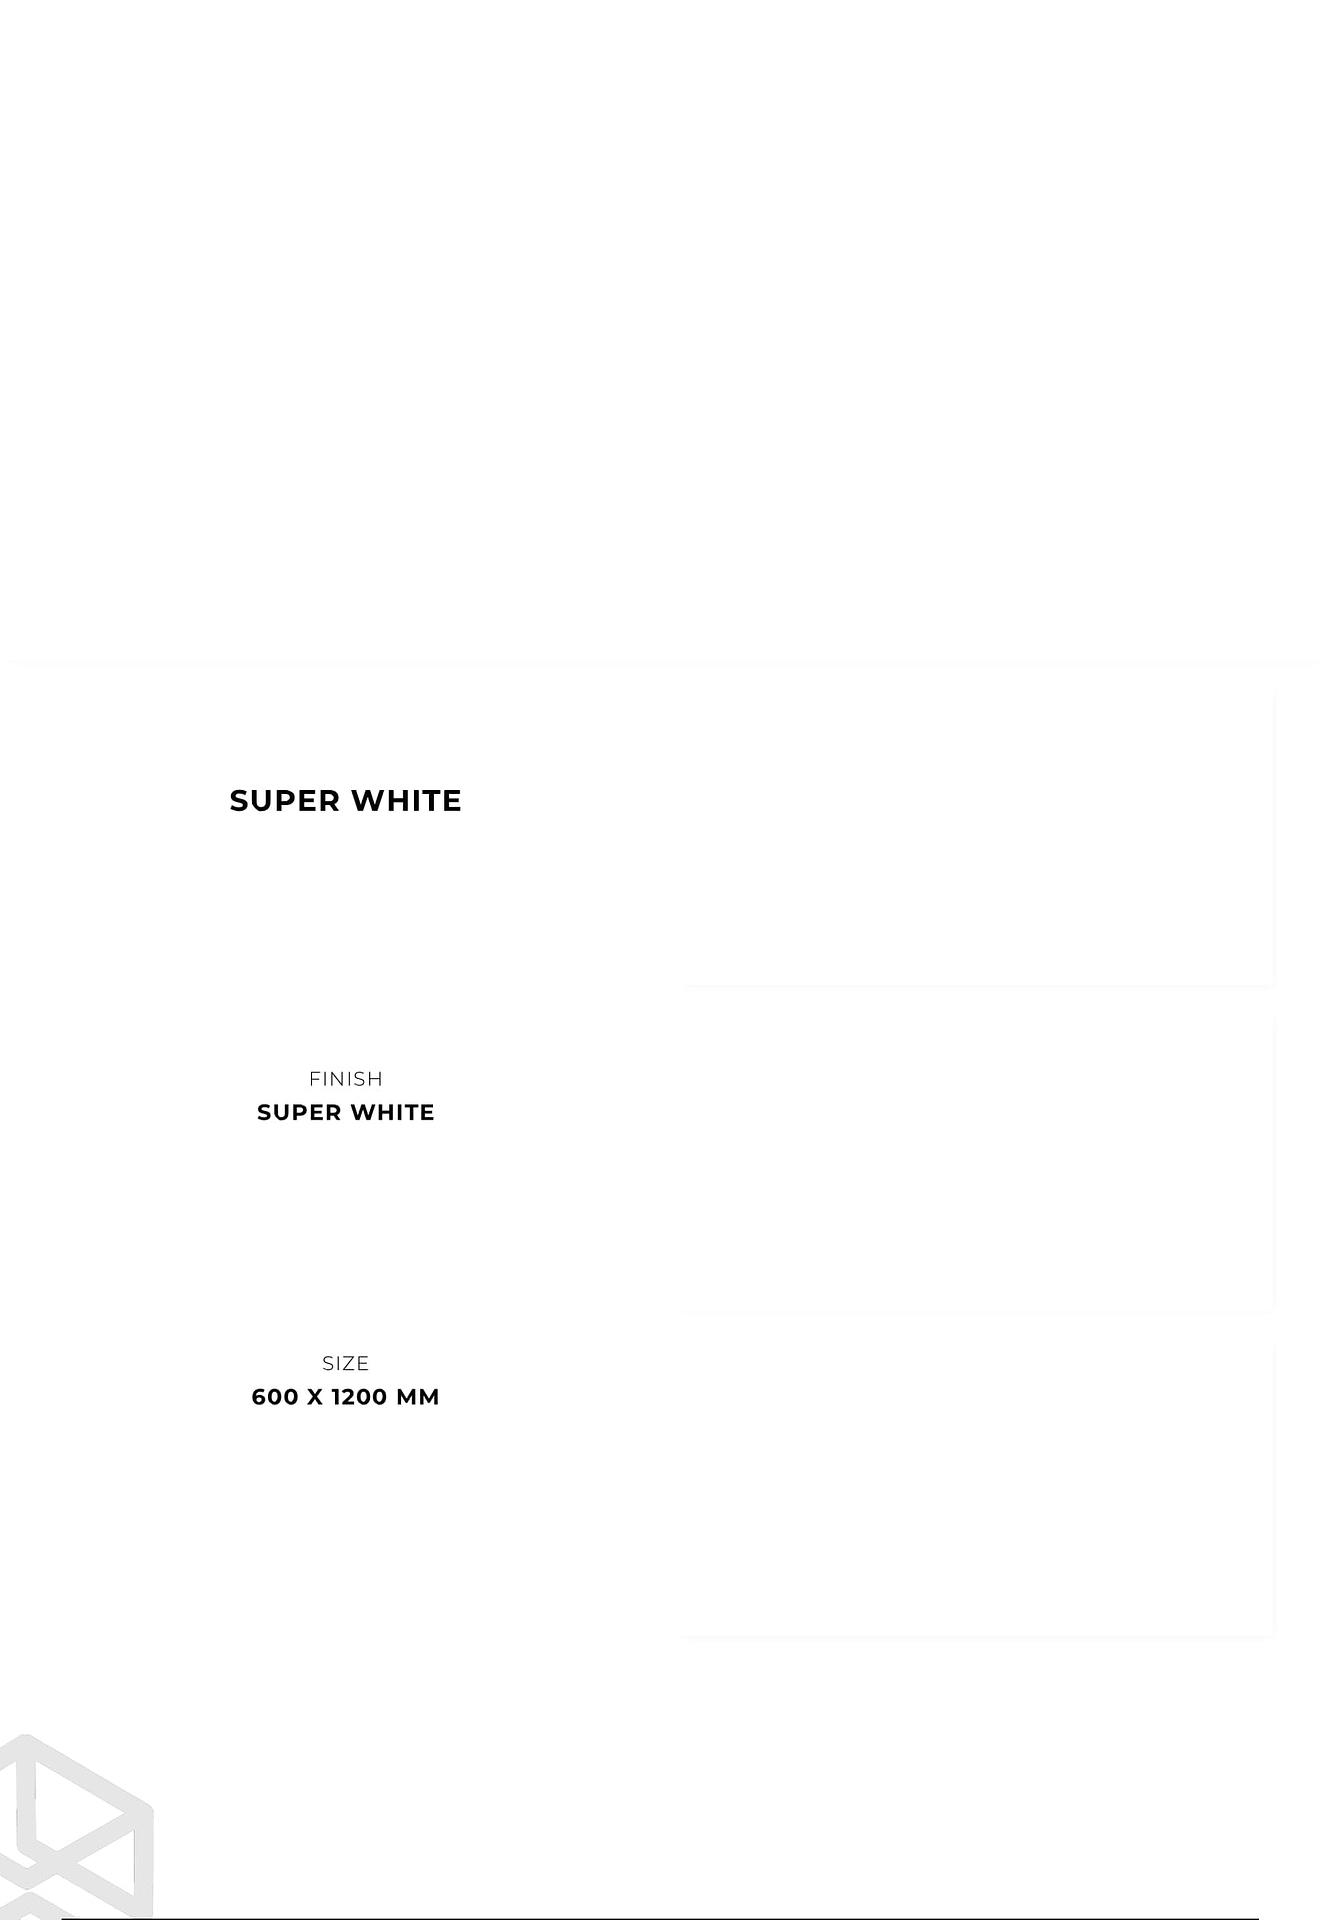 PGVT - GVT 600 X 1200 MM Super White